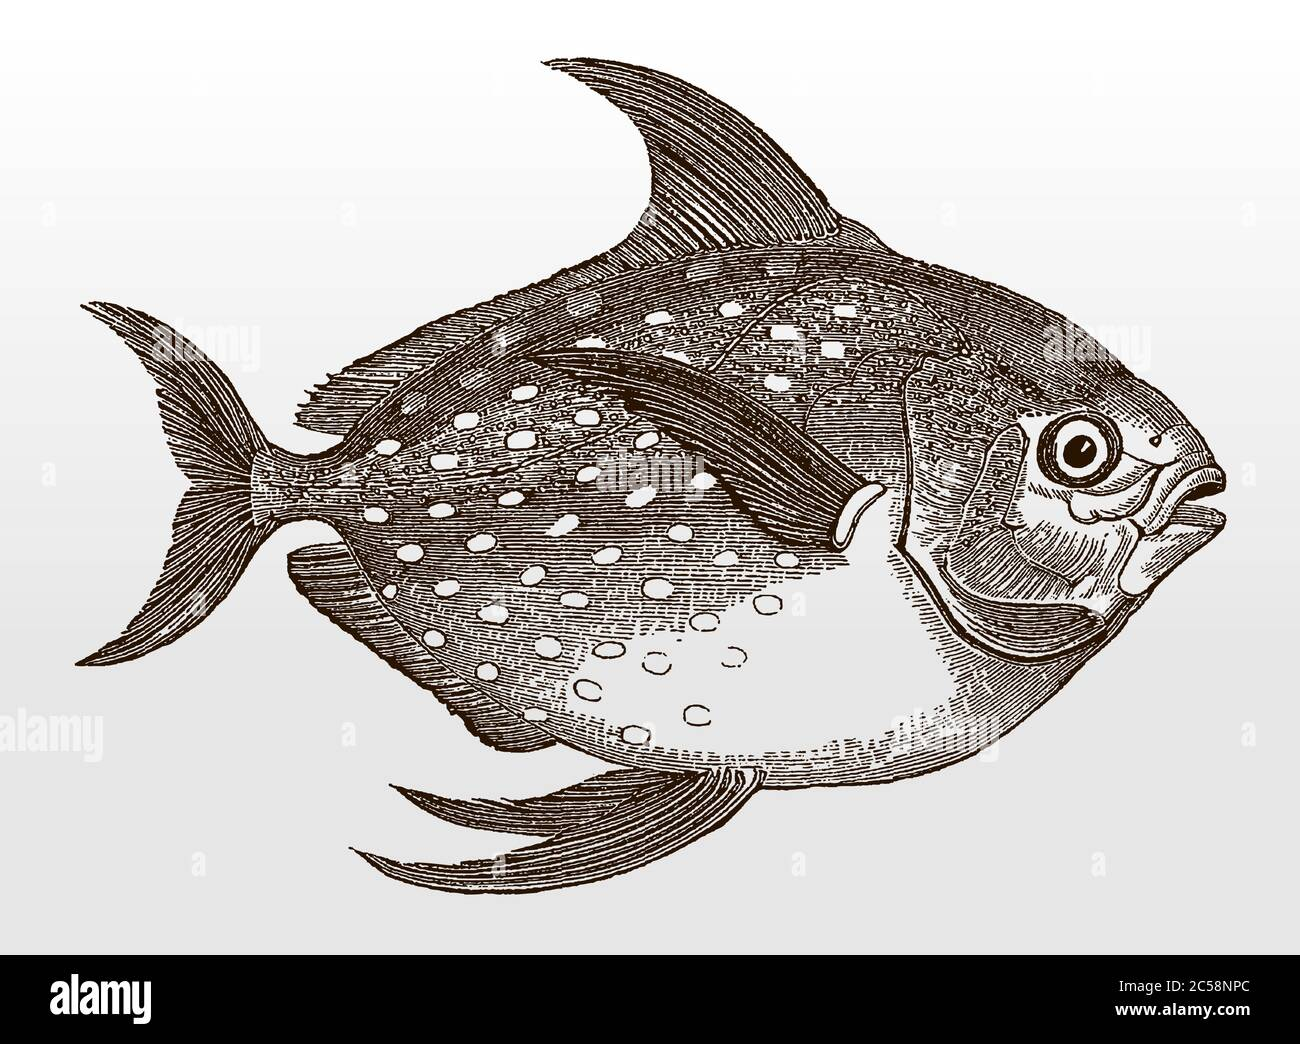 Opah, Lampris gutatus, ein weltweit verbreiteter Meeresfisch in Seitenansicht nach einer antiken Illustration aus dem 19. Jahrhundert Stock Vektor